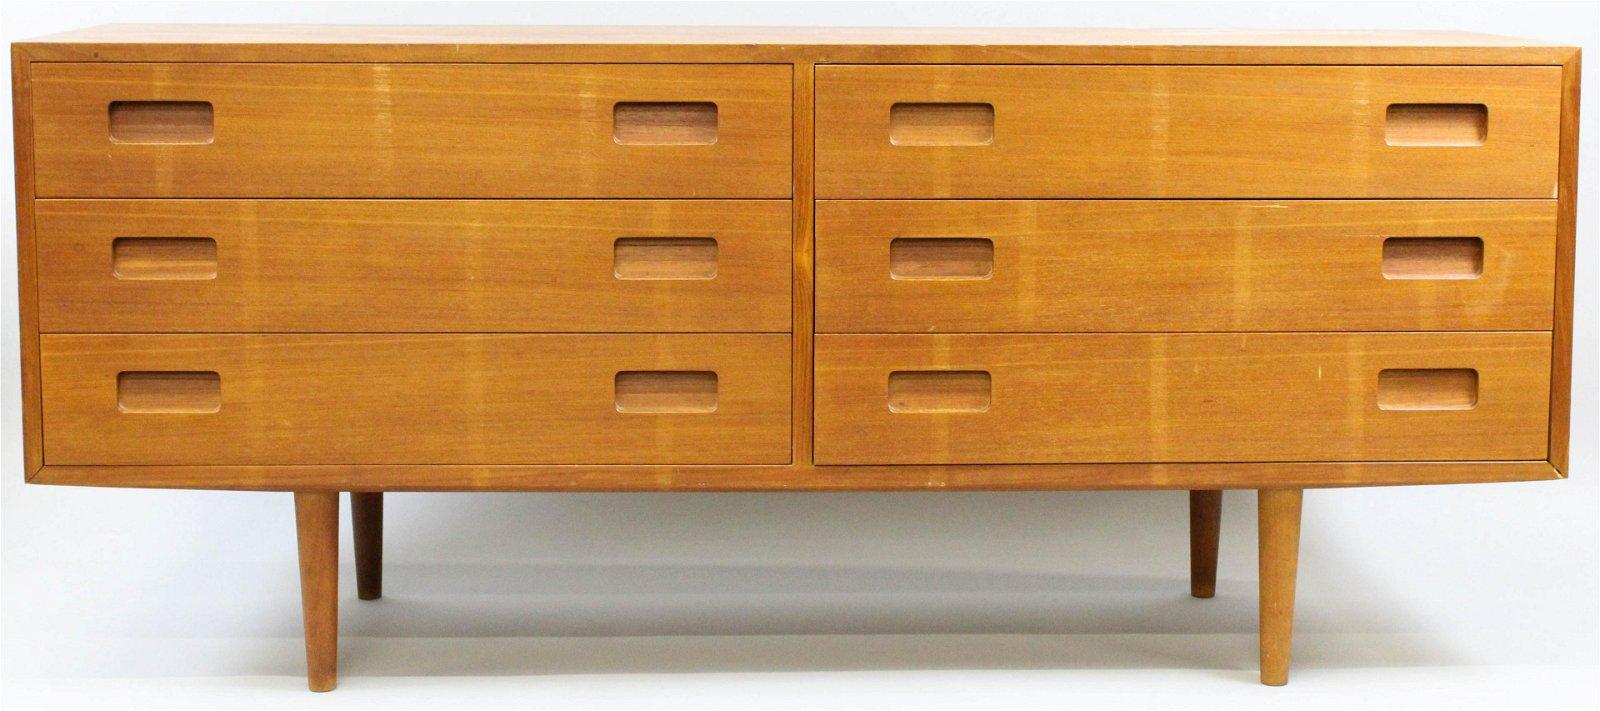 Danish teak 6 drawer long chest